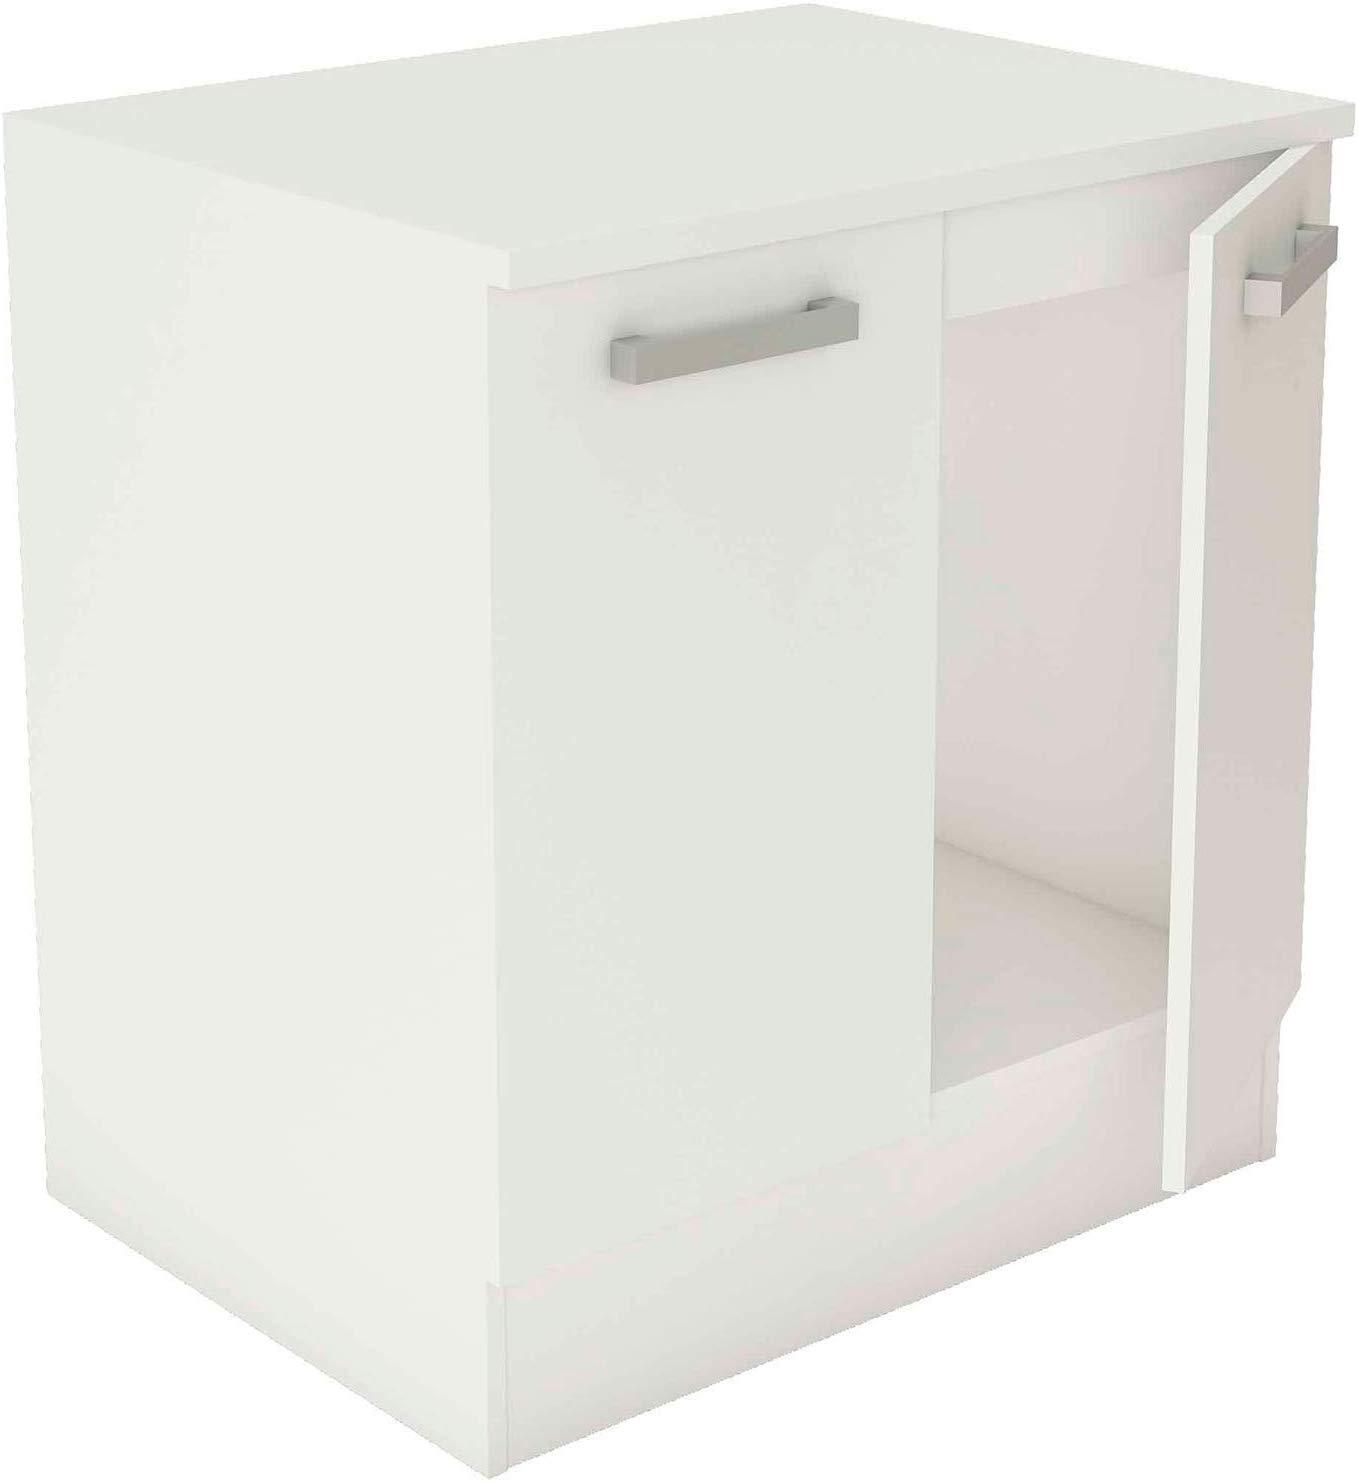 mueble bajo de cocina blanco 2 puertas